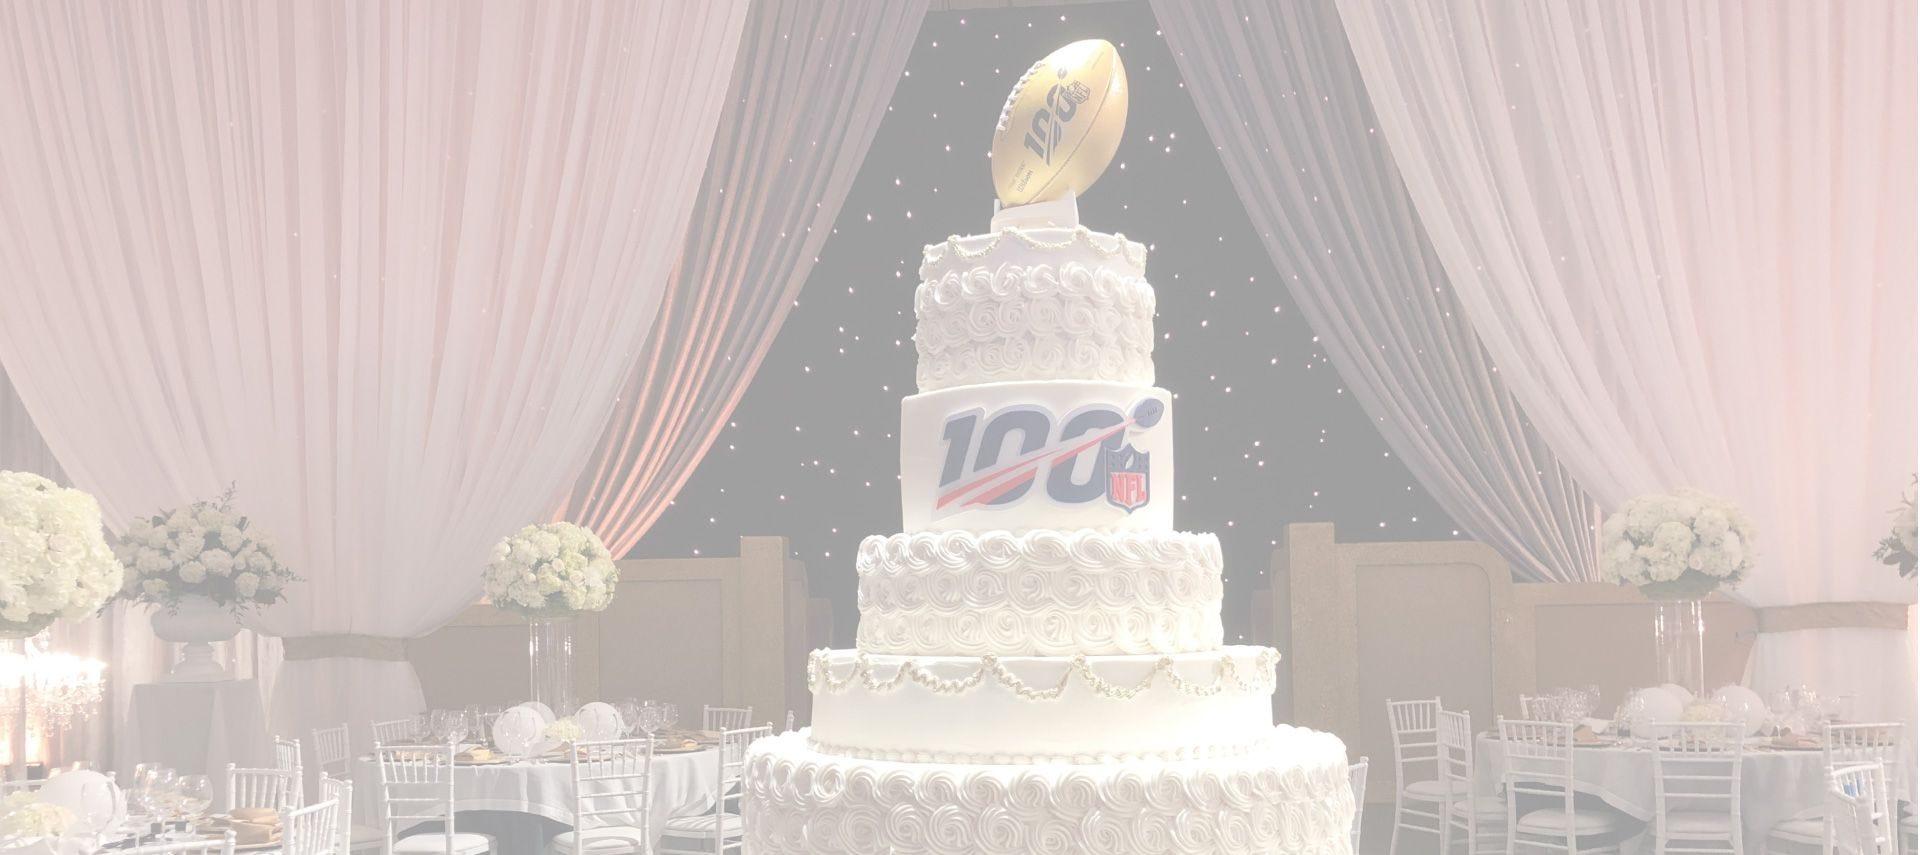 NFL Super Bowl commercial